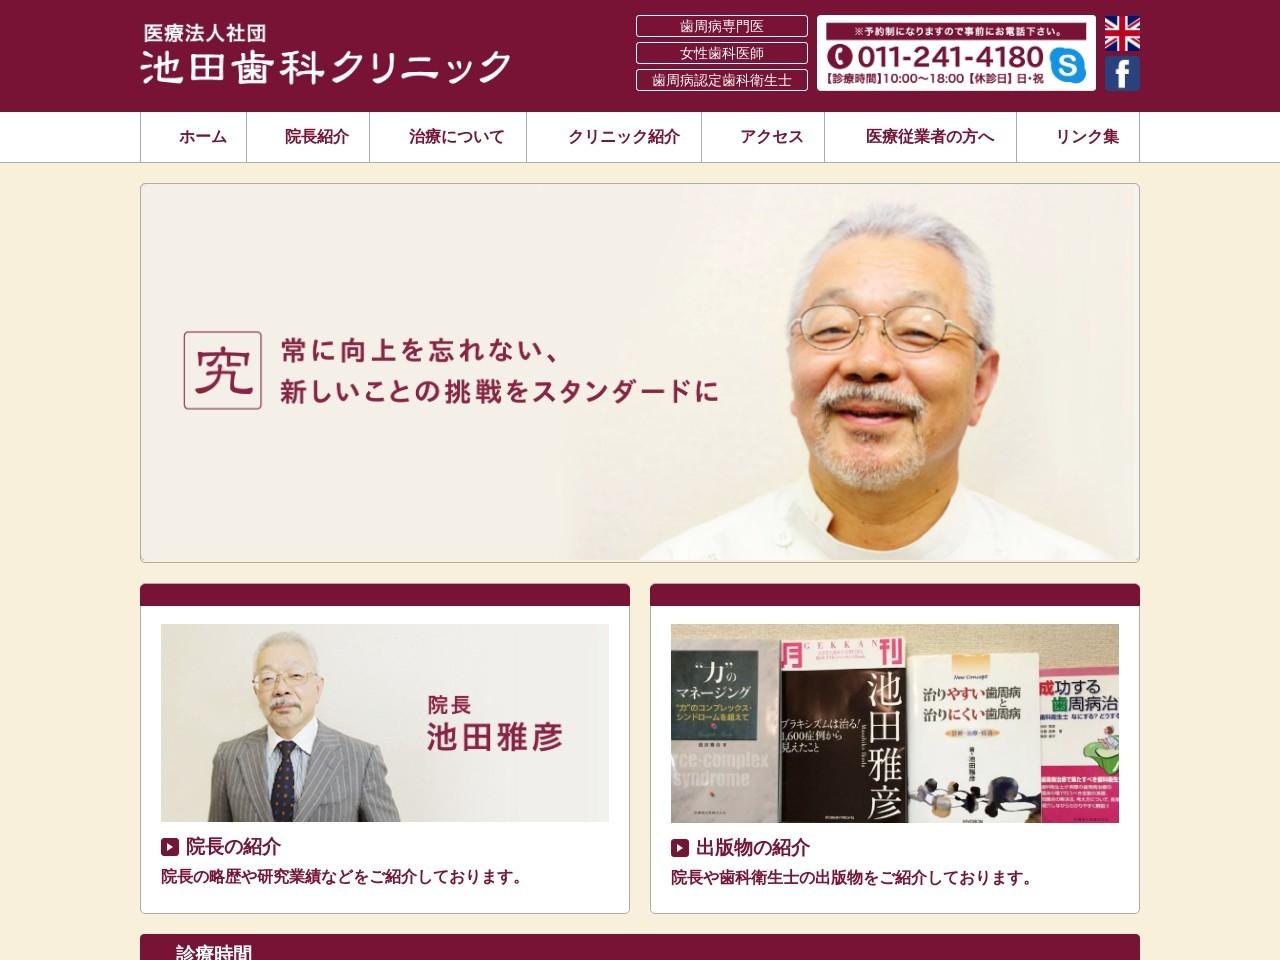 医療法人社団  池田歯科クリニック (北海道札幌市中央区)